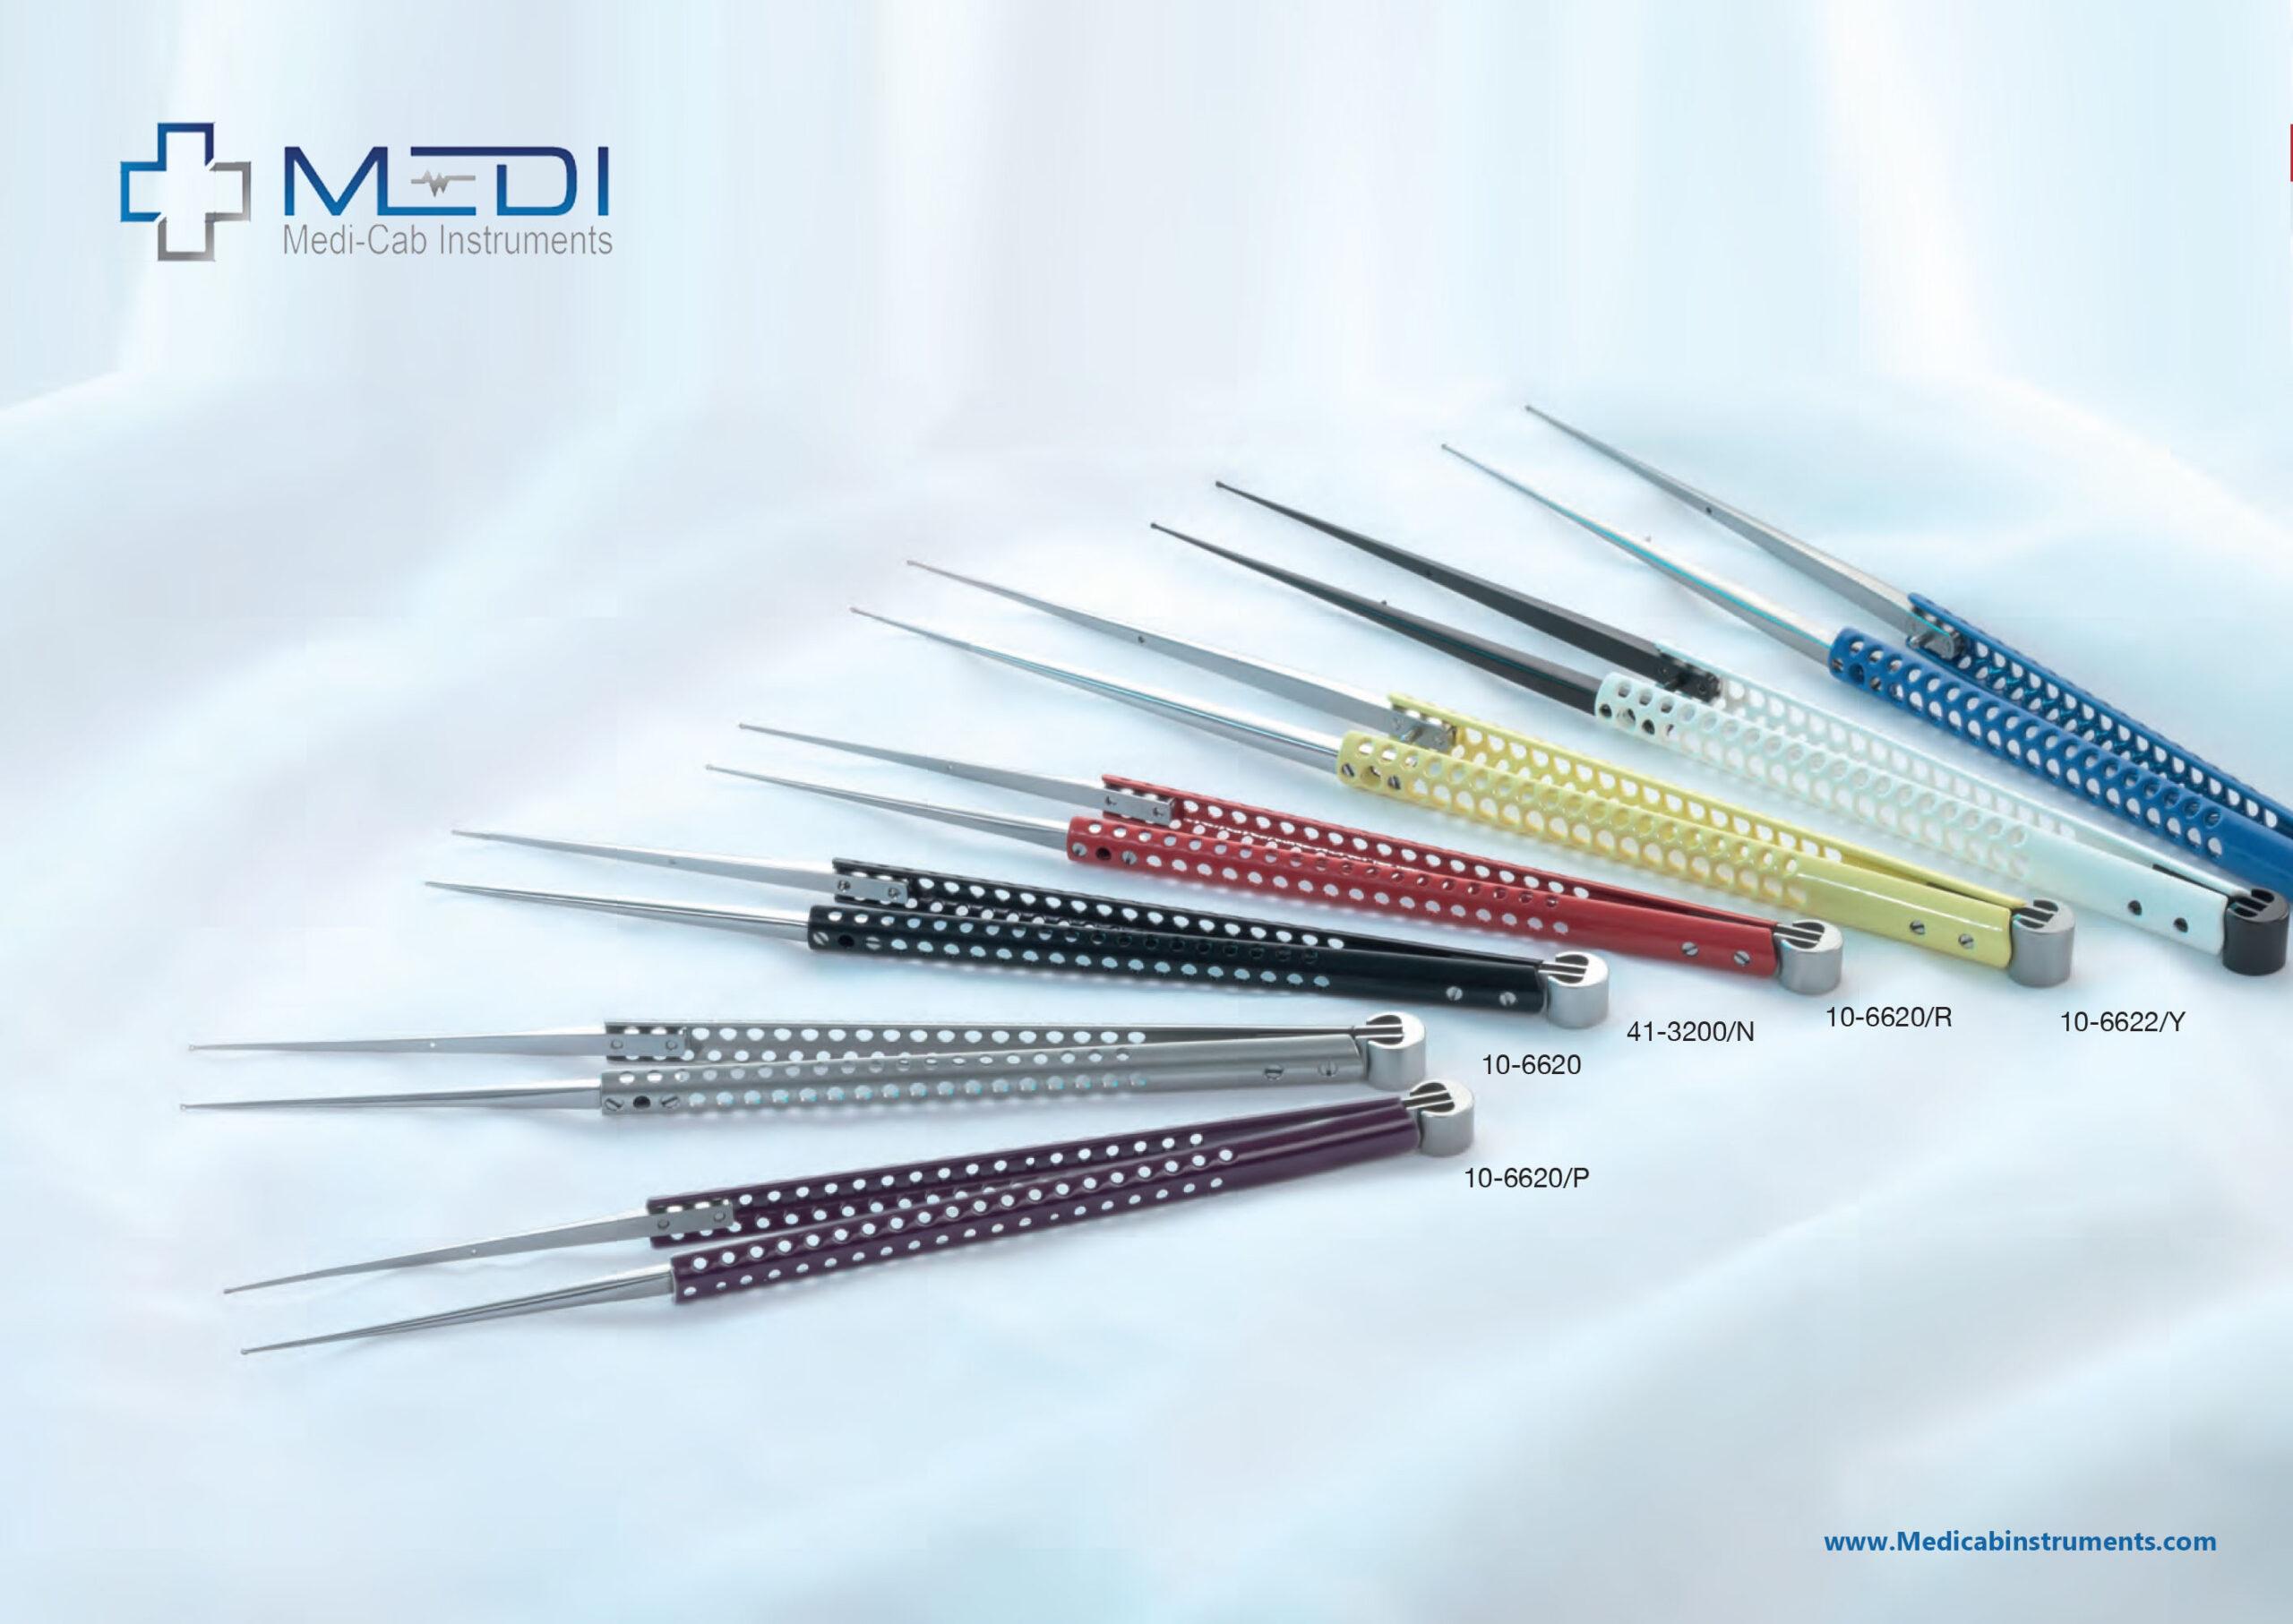 medi_cab_instruments